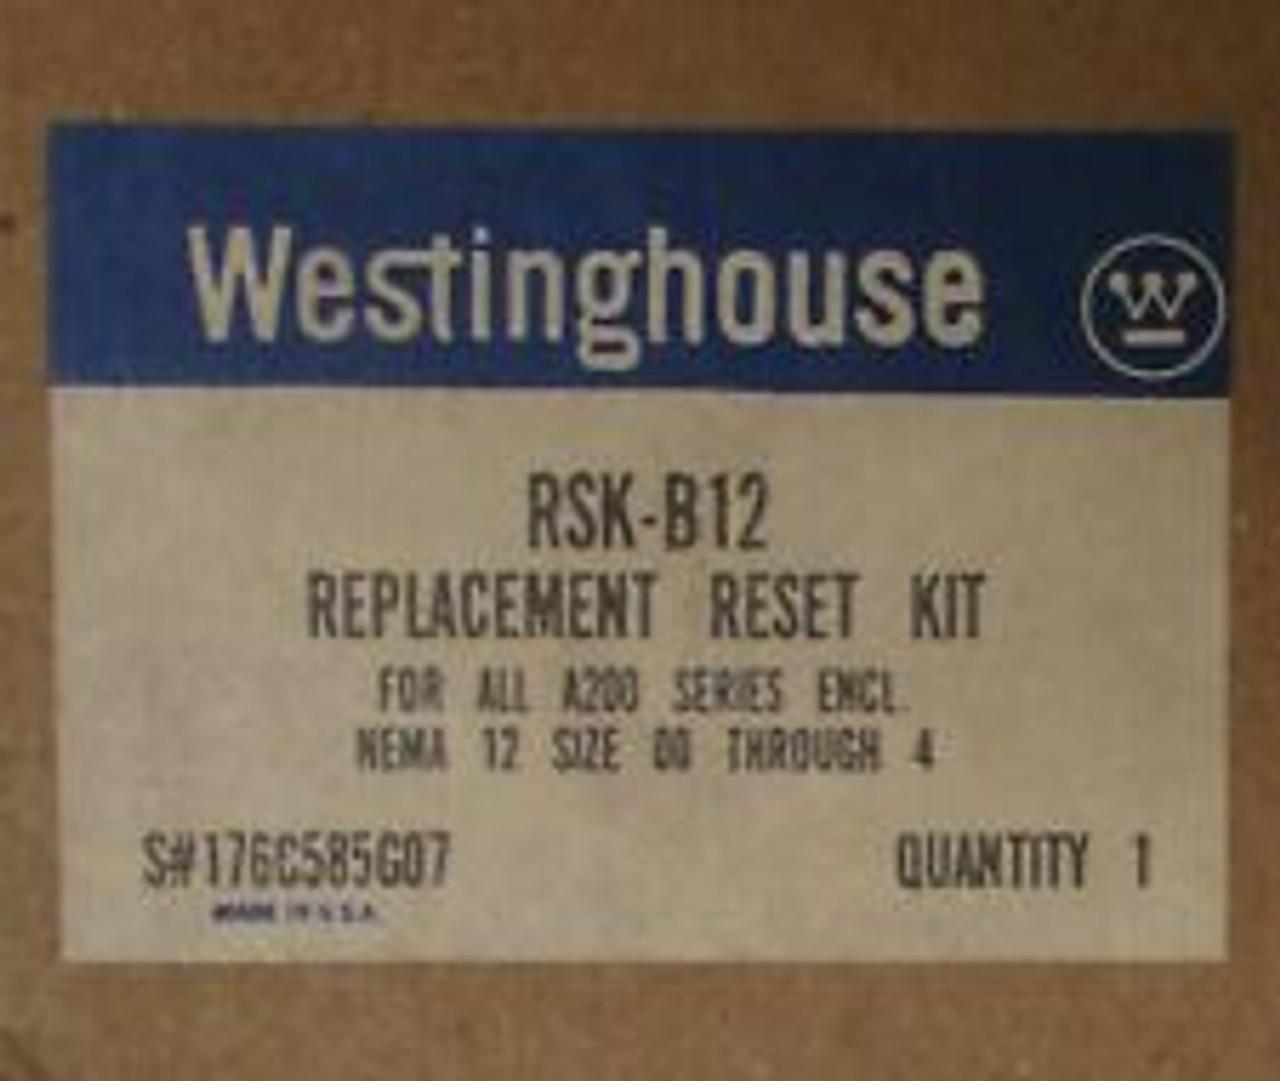 RSK-B12